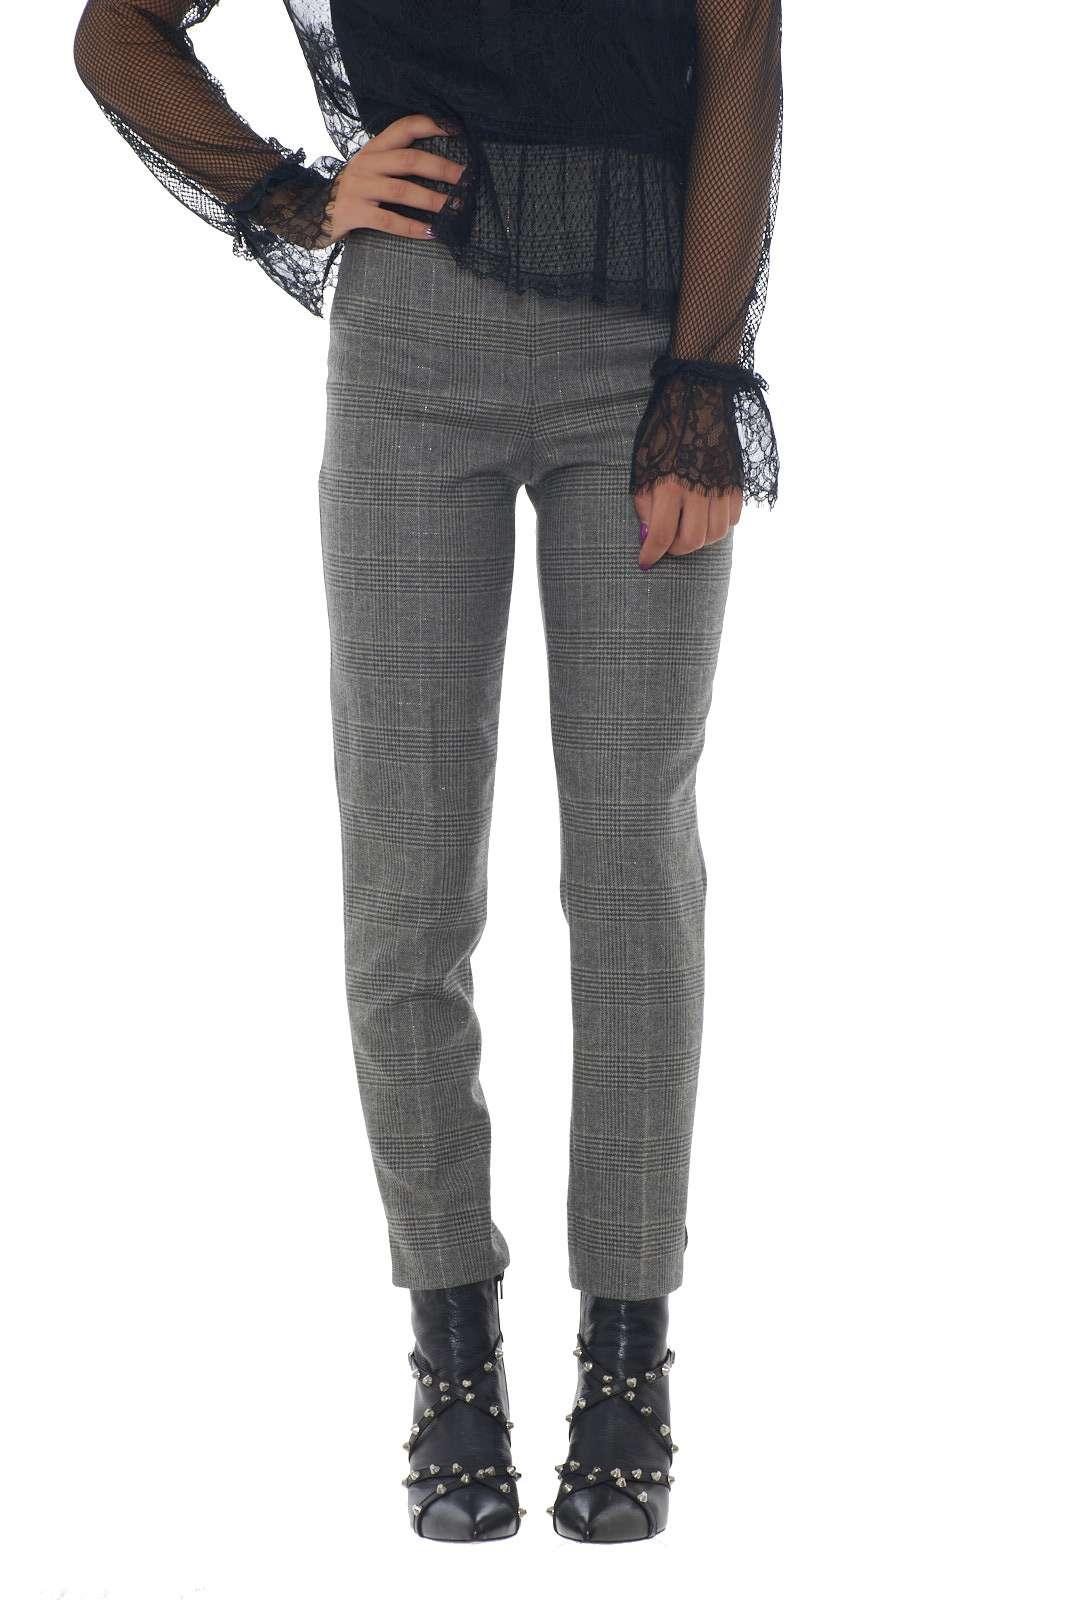 https://www.parmax.com/media/catalog/product/a/i/AI-outlet_parmax-pantaloni-donna-Twin-Set-192TT2440-A.jpg